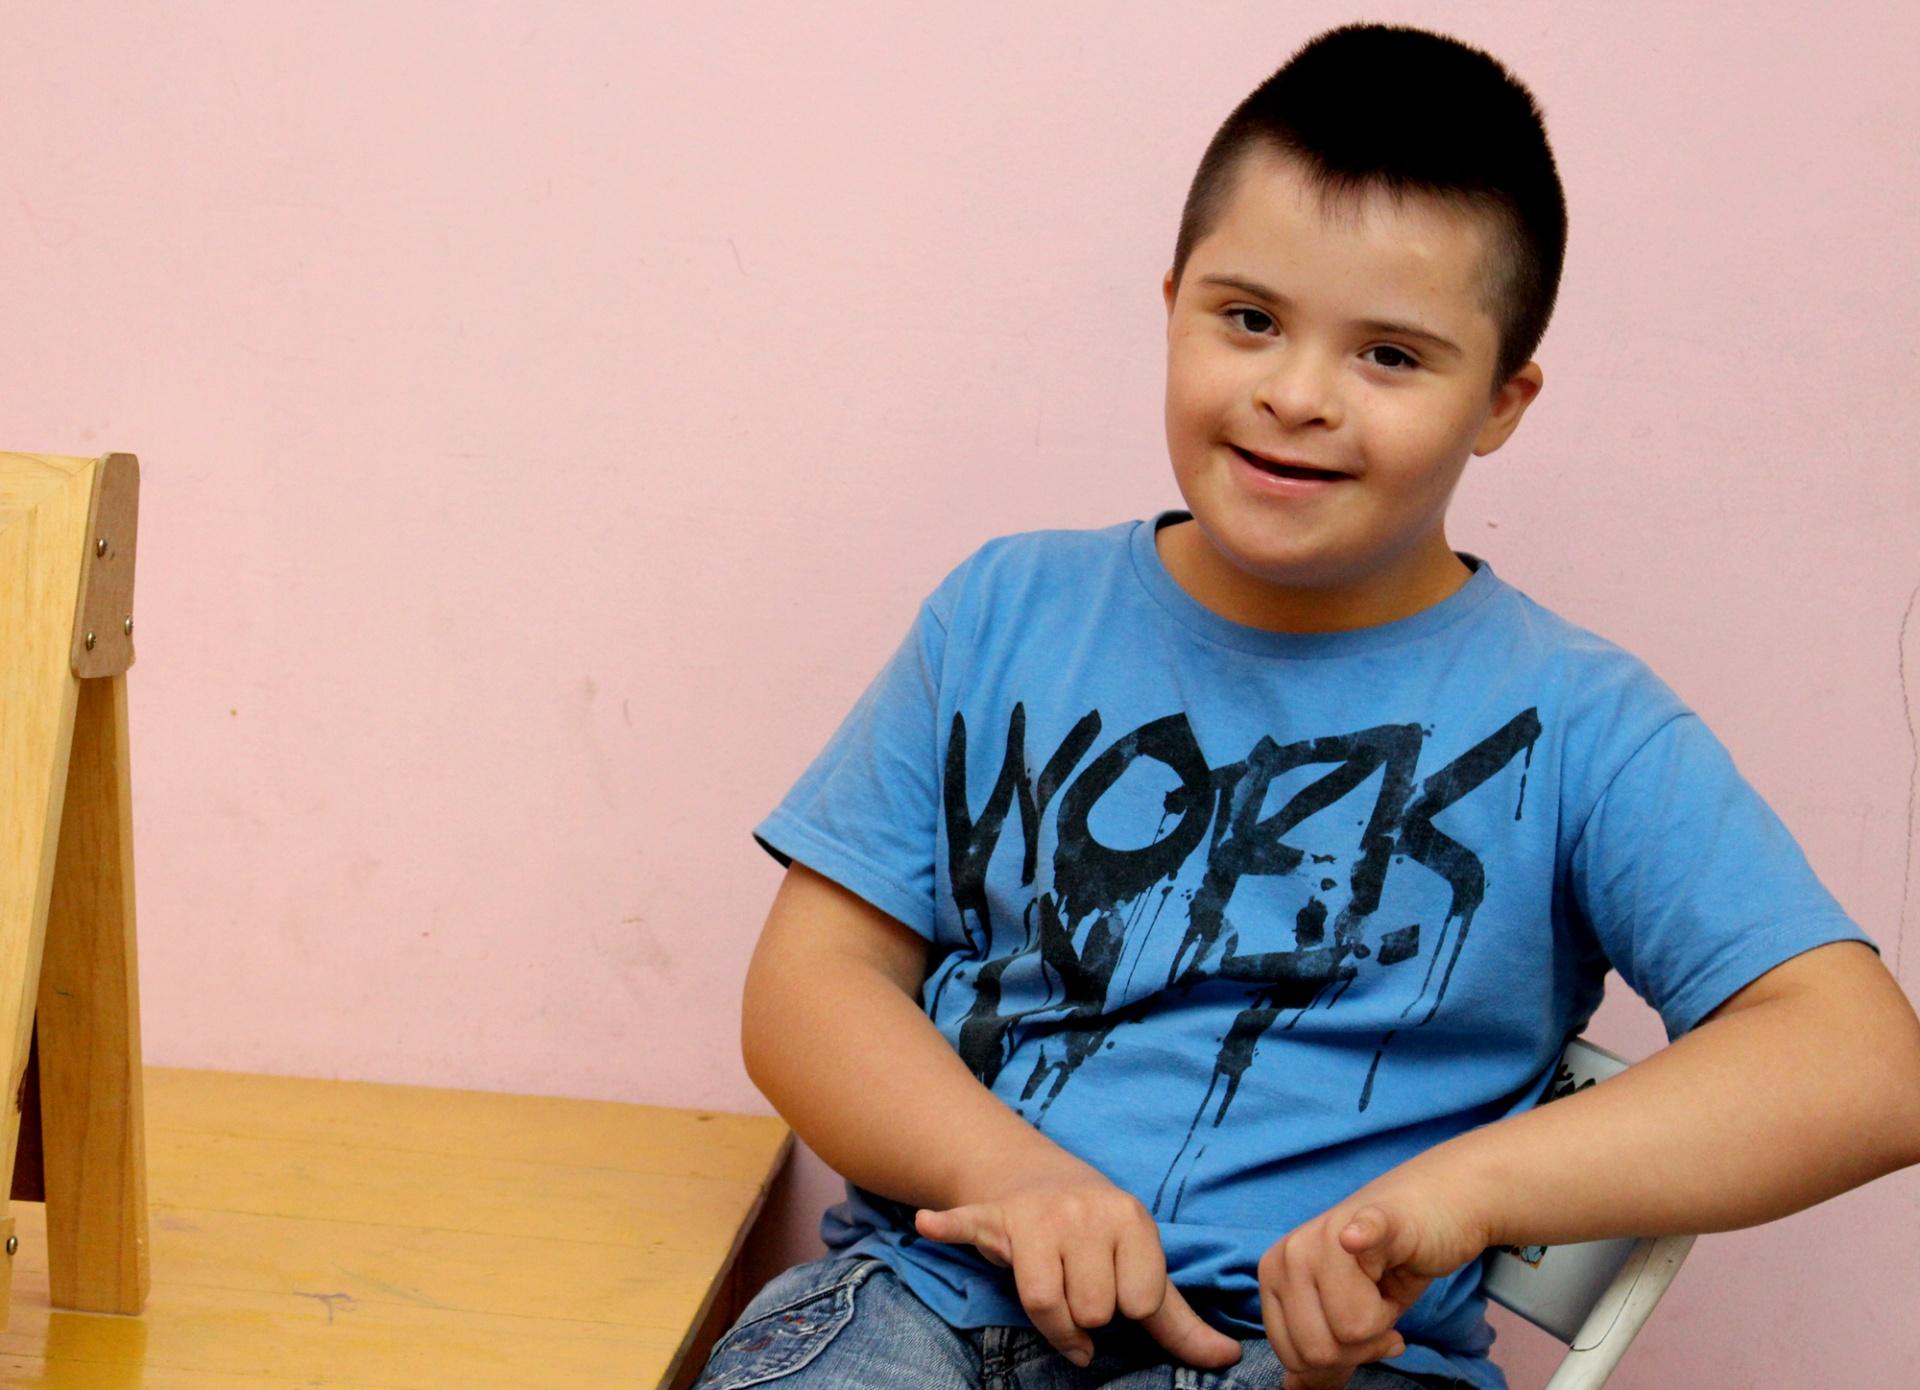 Las personas con Down no tienen mongolismo: Niños por siempre